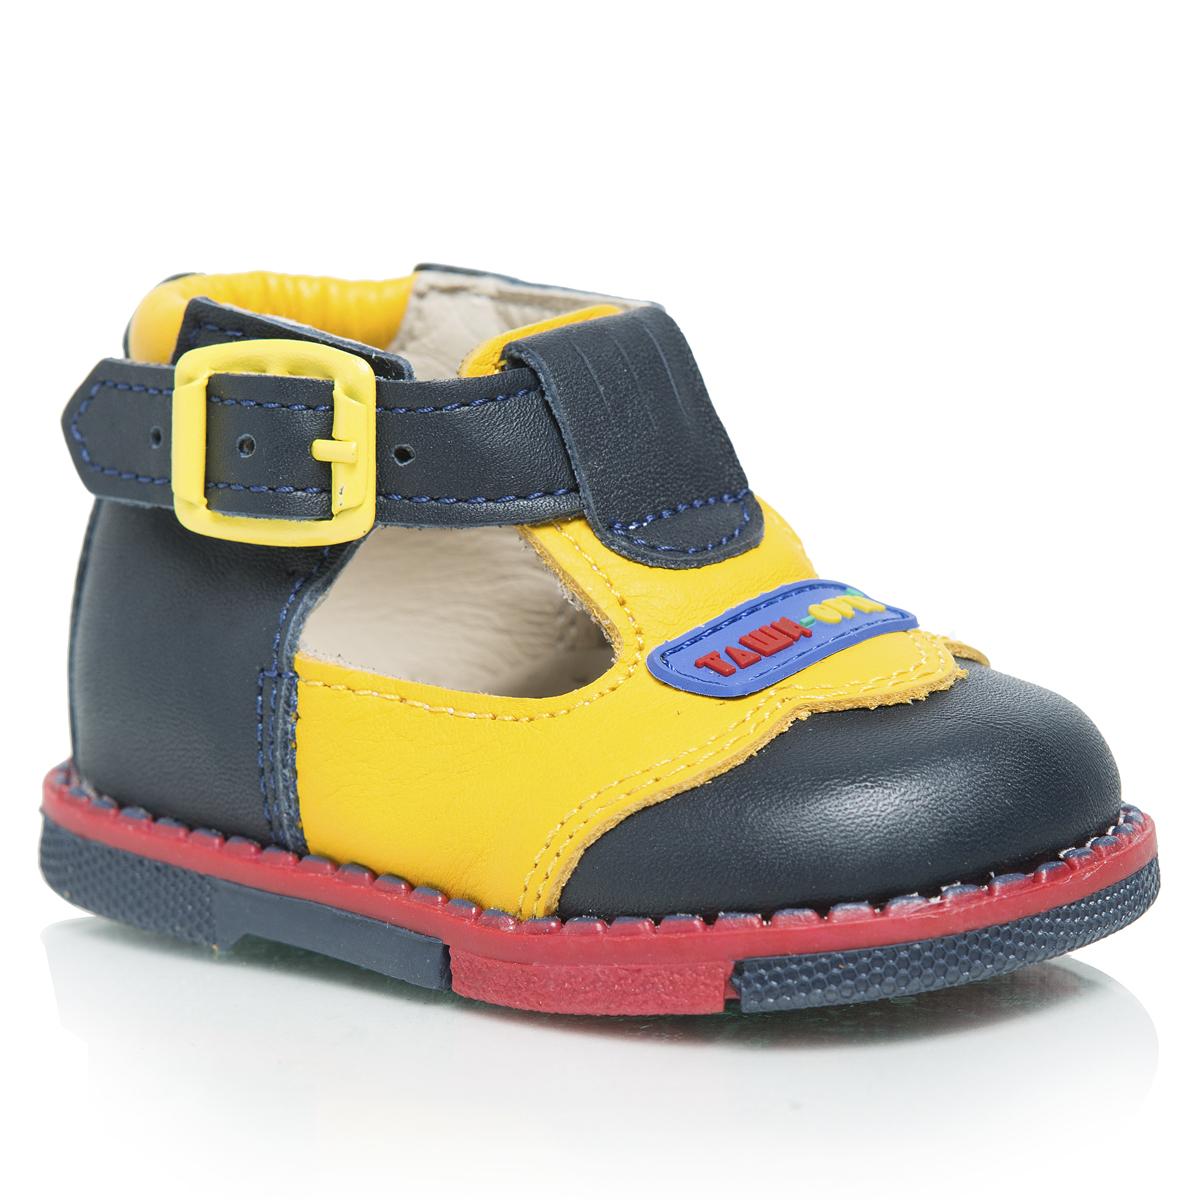 112-02Стильные детские туфли Таши Орто заинтересуют вашего ребенка с первого взгляда. Модель выполнена из натуральной кожи контрастных цветов. Ремешок на застежке-пряжке помогает оптимально подогнать полноту обуви по ноге и гарантирует надежную фиксацию. Подъем декорирован нашивкой с символикой бренда. Литая анатомическая стелька из натуральной кожи со сводоподдерживающим элементом и латексным покрытием, не продавливающаяся во время носки, обеспечивает правильное формирование стопы. Благодаря использованию современных внутренних материалов, позволяет оптимально распределить нагрузку по всей площади стопы, дает ножке ощущение мягкости и комфорта. Мягкая верхняя часть, которая плотно прилегает к ножке, и подкладка, изготовленная из натуральной кожи, позволяют избежать натирания. Полужесткий задник фиксирует ножку ребенка, не давая ей смещаться из стороны в сторону и назад. Широкий, устойчивый каблук, специальной конфигурации каблук Томаса, продлен с внутренней стороны до середины стопы,...